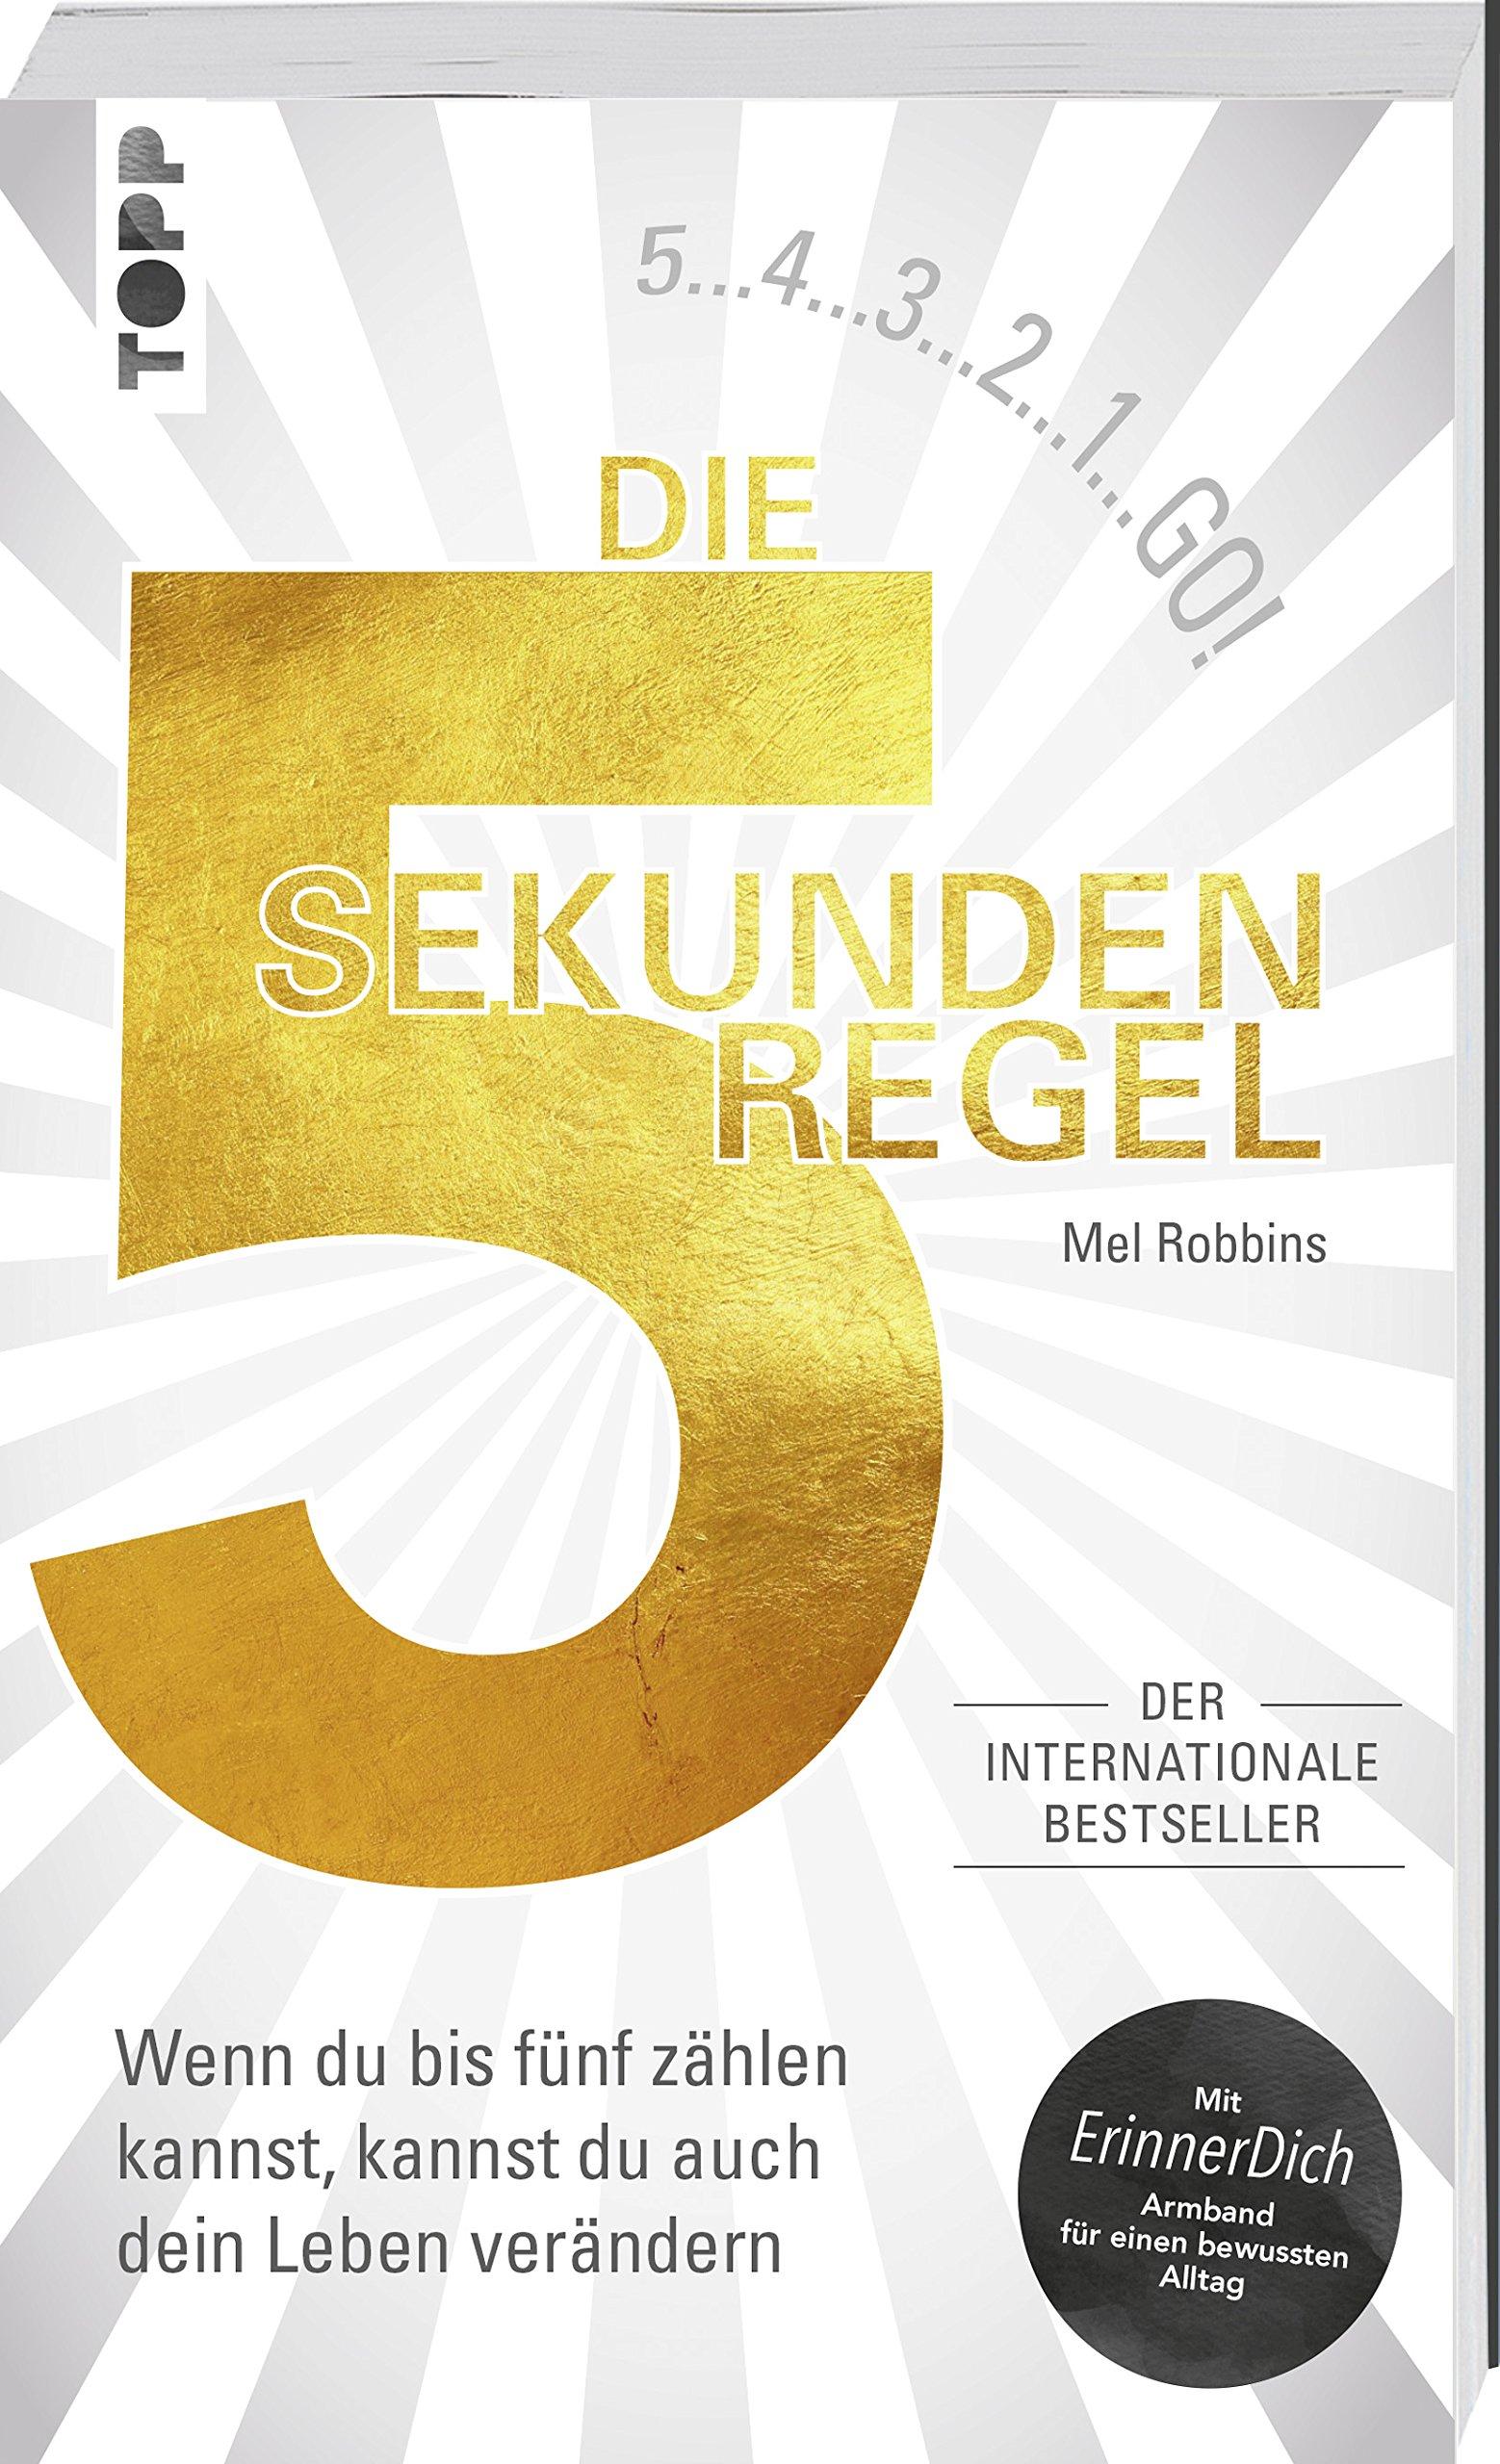 Die 5 Sekunden Regel: Wenn du bis 5 zählen kannst, kannst du auch dein Leben verändern. Der internationale Bestseller. Mit ErinnerDich Armband für einen bewussten Alltag Gebundenes Buch – 10. September 2018 Mel Robbins Frech 3772449077 Ratgeber / Sonstiges